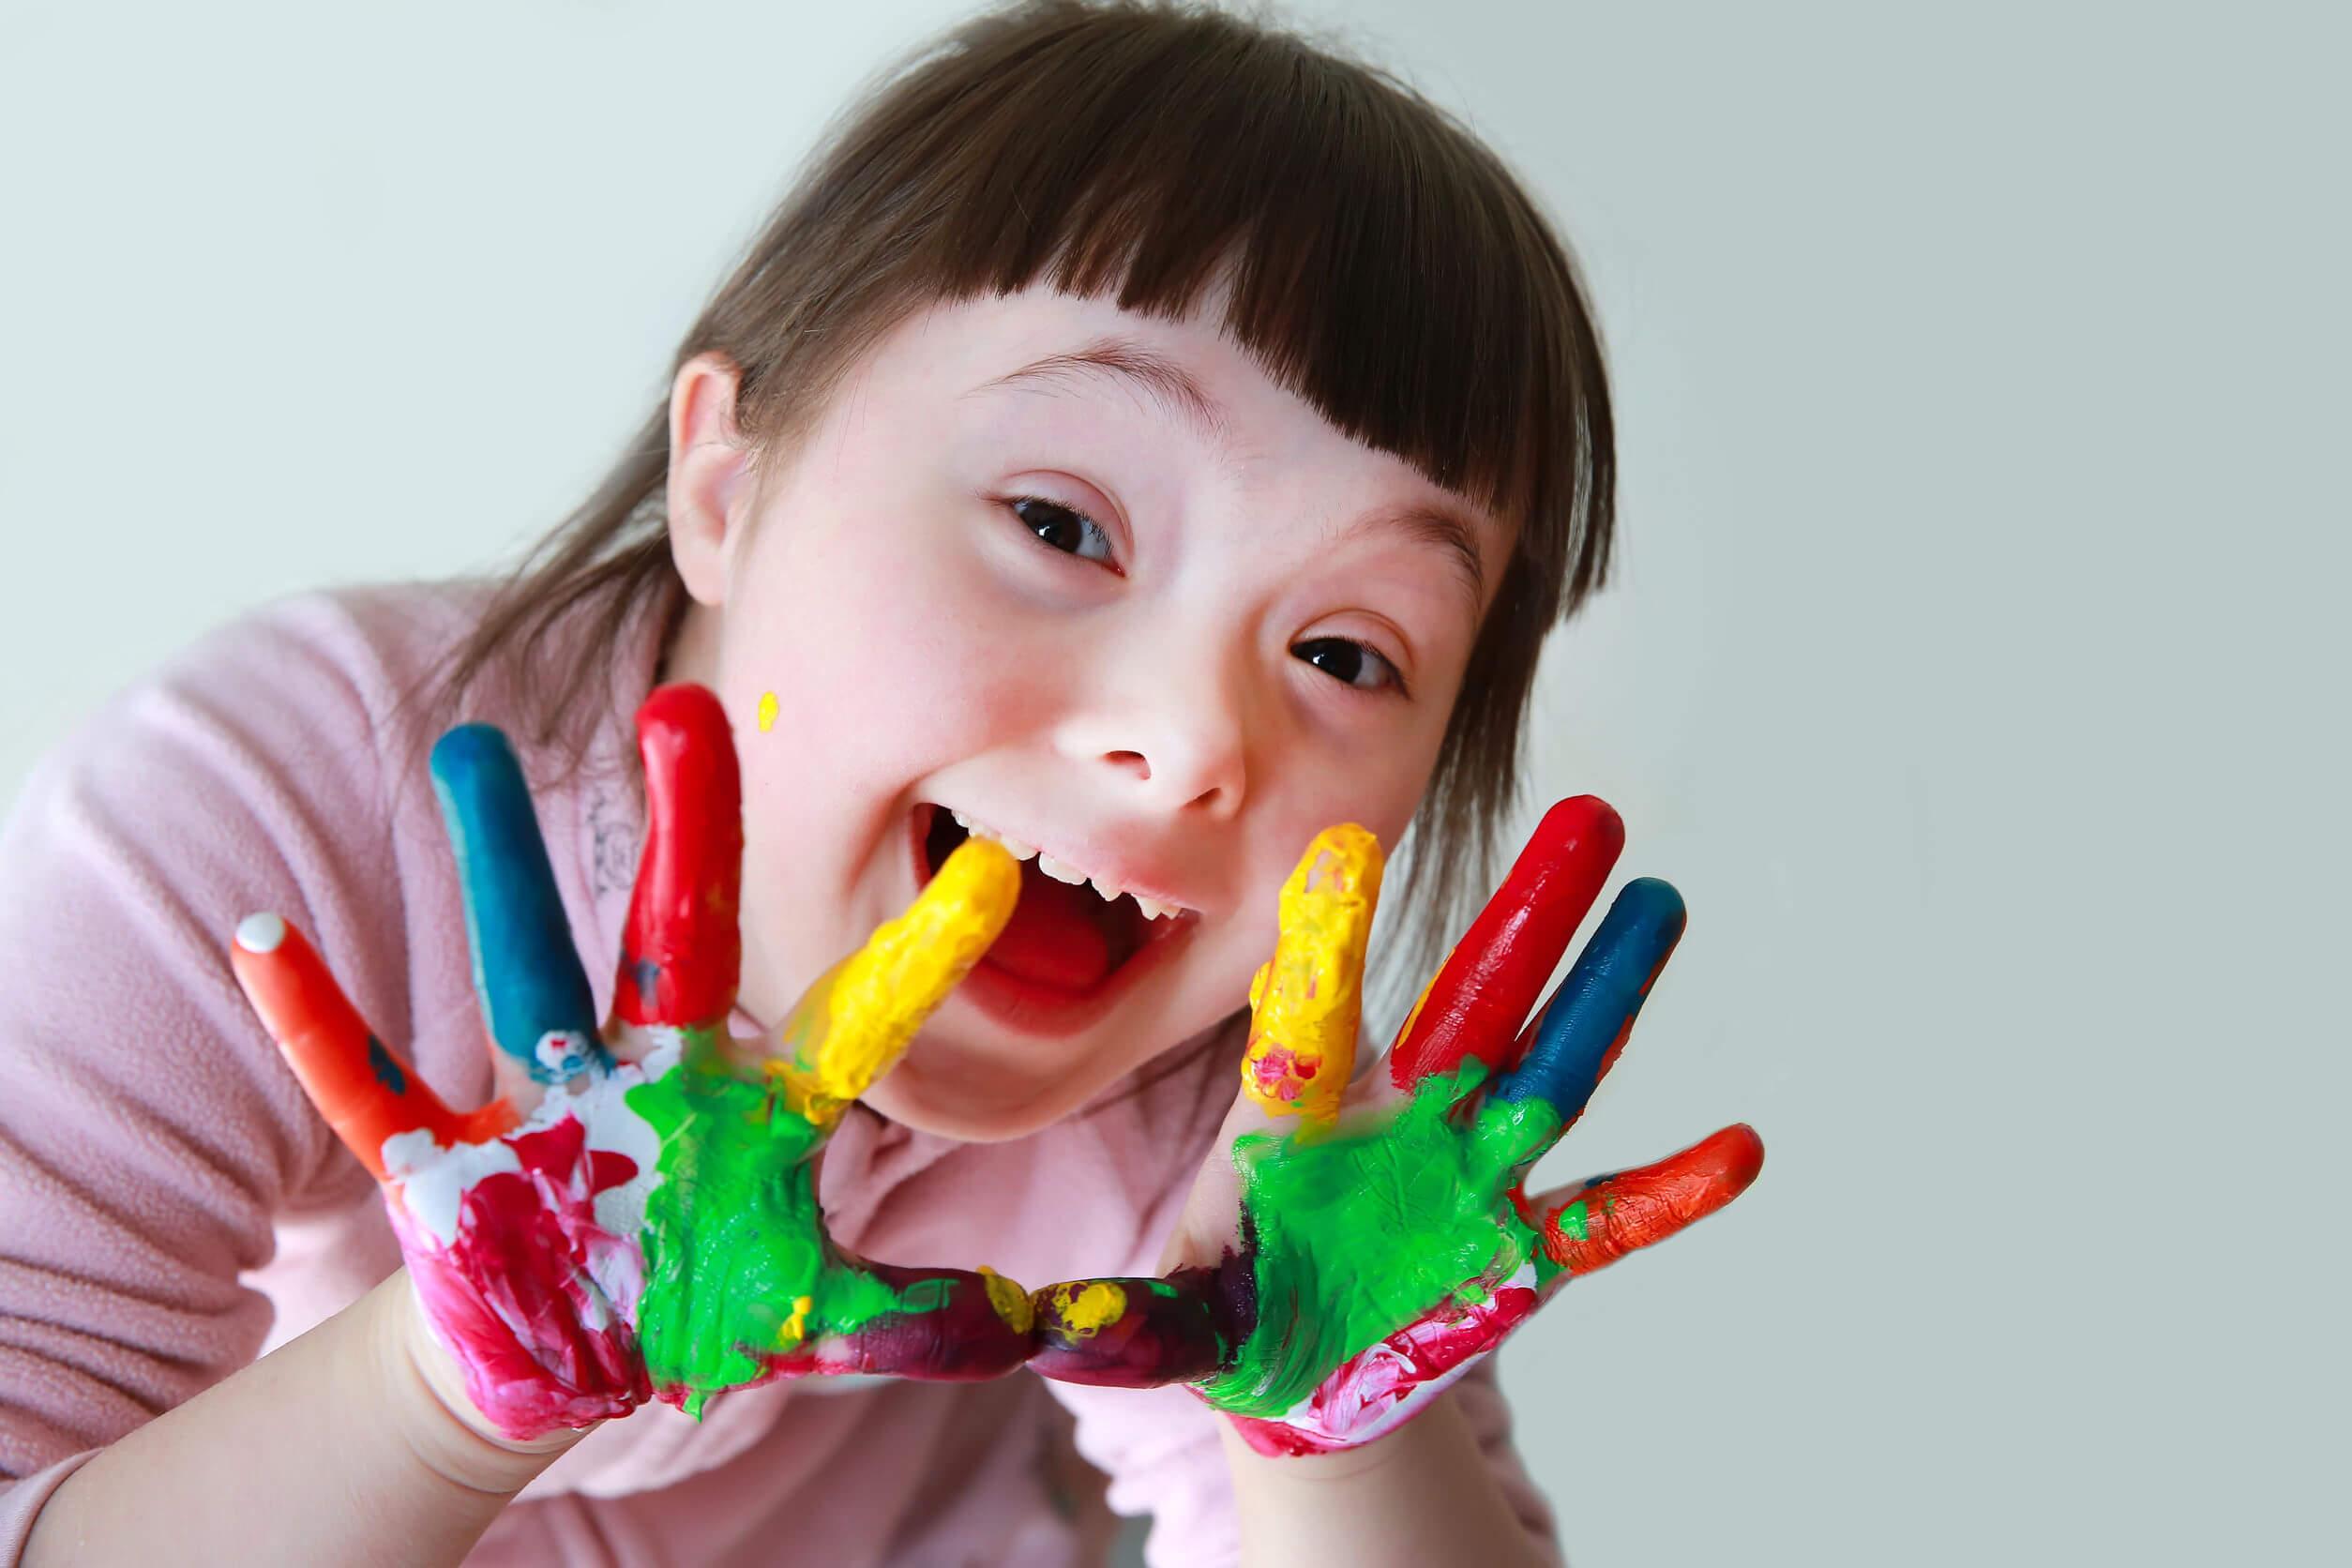 Sintomi della sindrome di Down: caratteristiche del viso